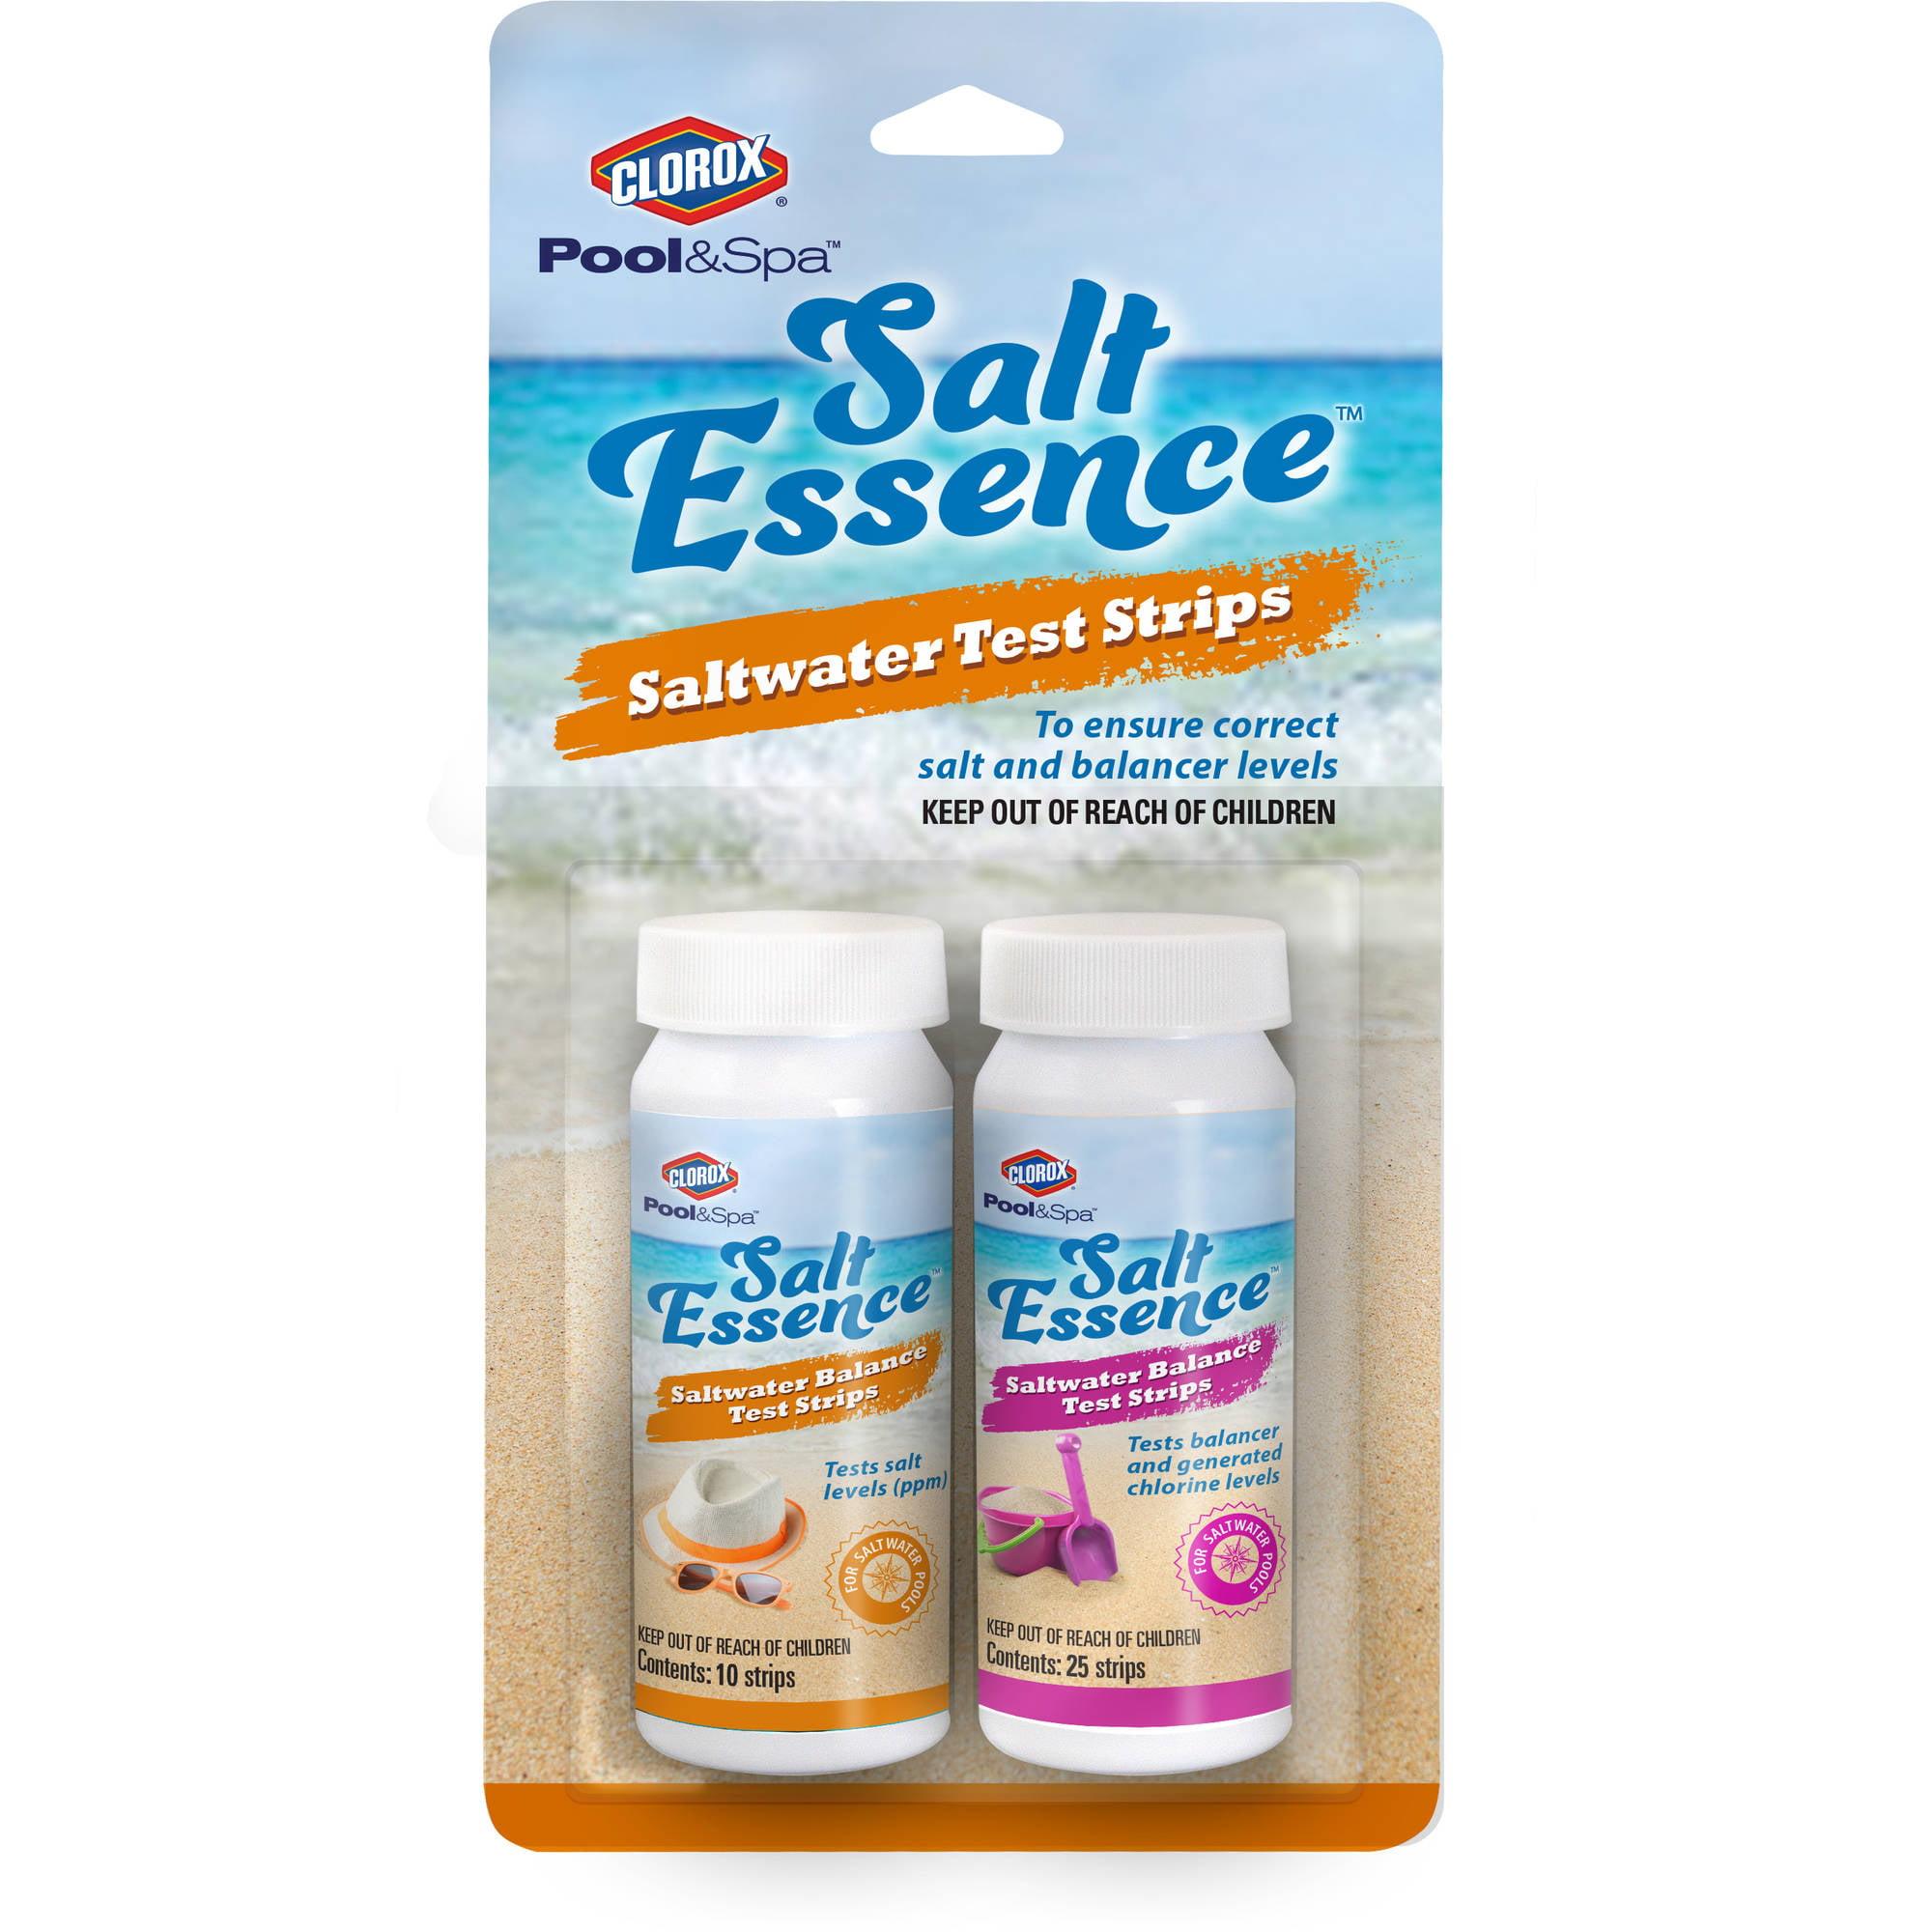 Clorox Pool&Spa Salt Essence Salt Test Strips